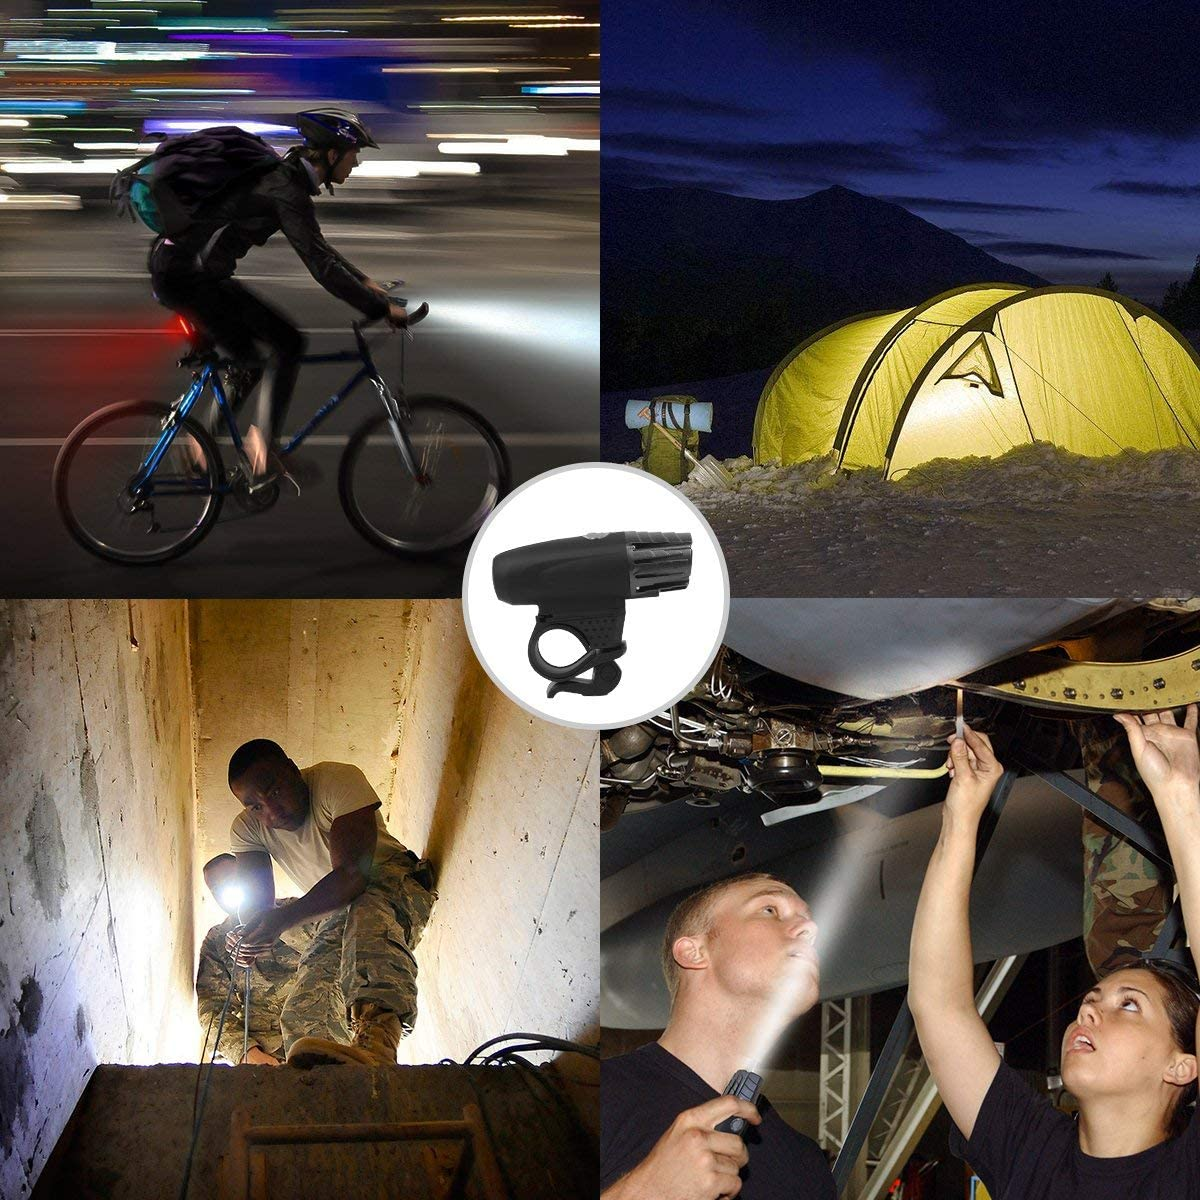 Luz Bicicleta Recargable USB Linterna Bicicleta Impermeable con 4 Modos Luces De Bicicleta Bicicleta para Carretera y Monta/ña